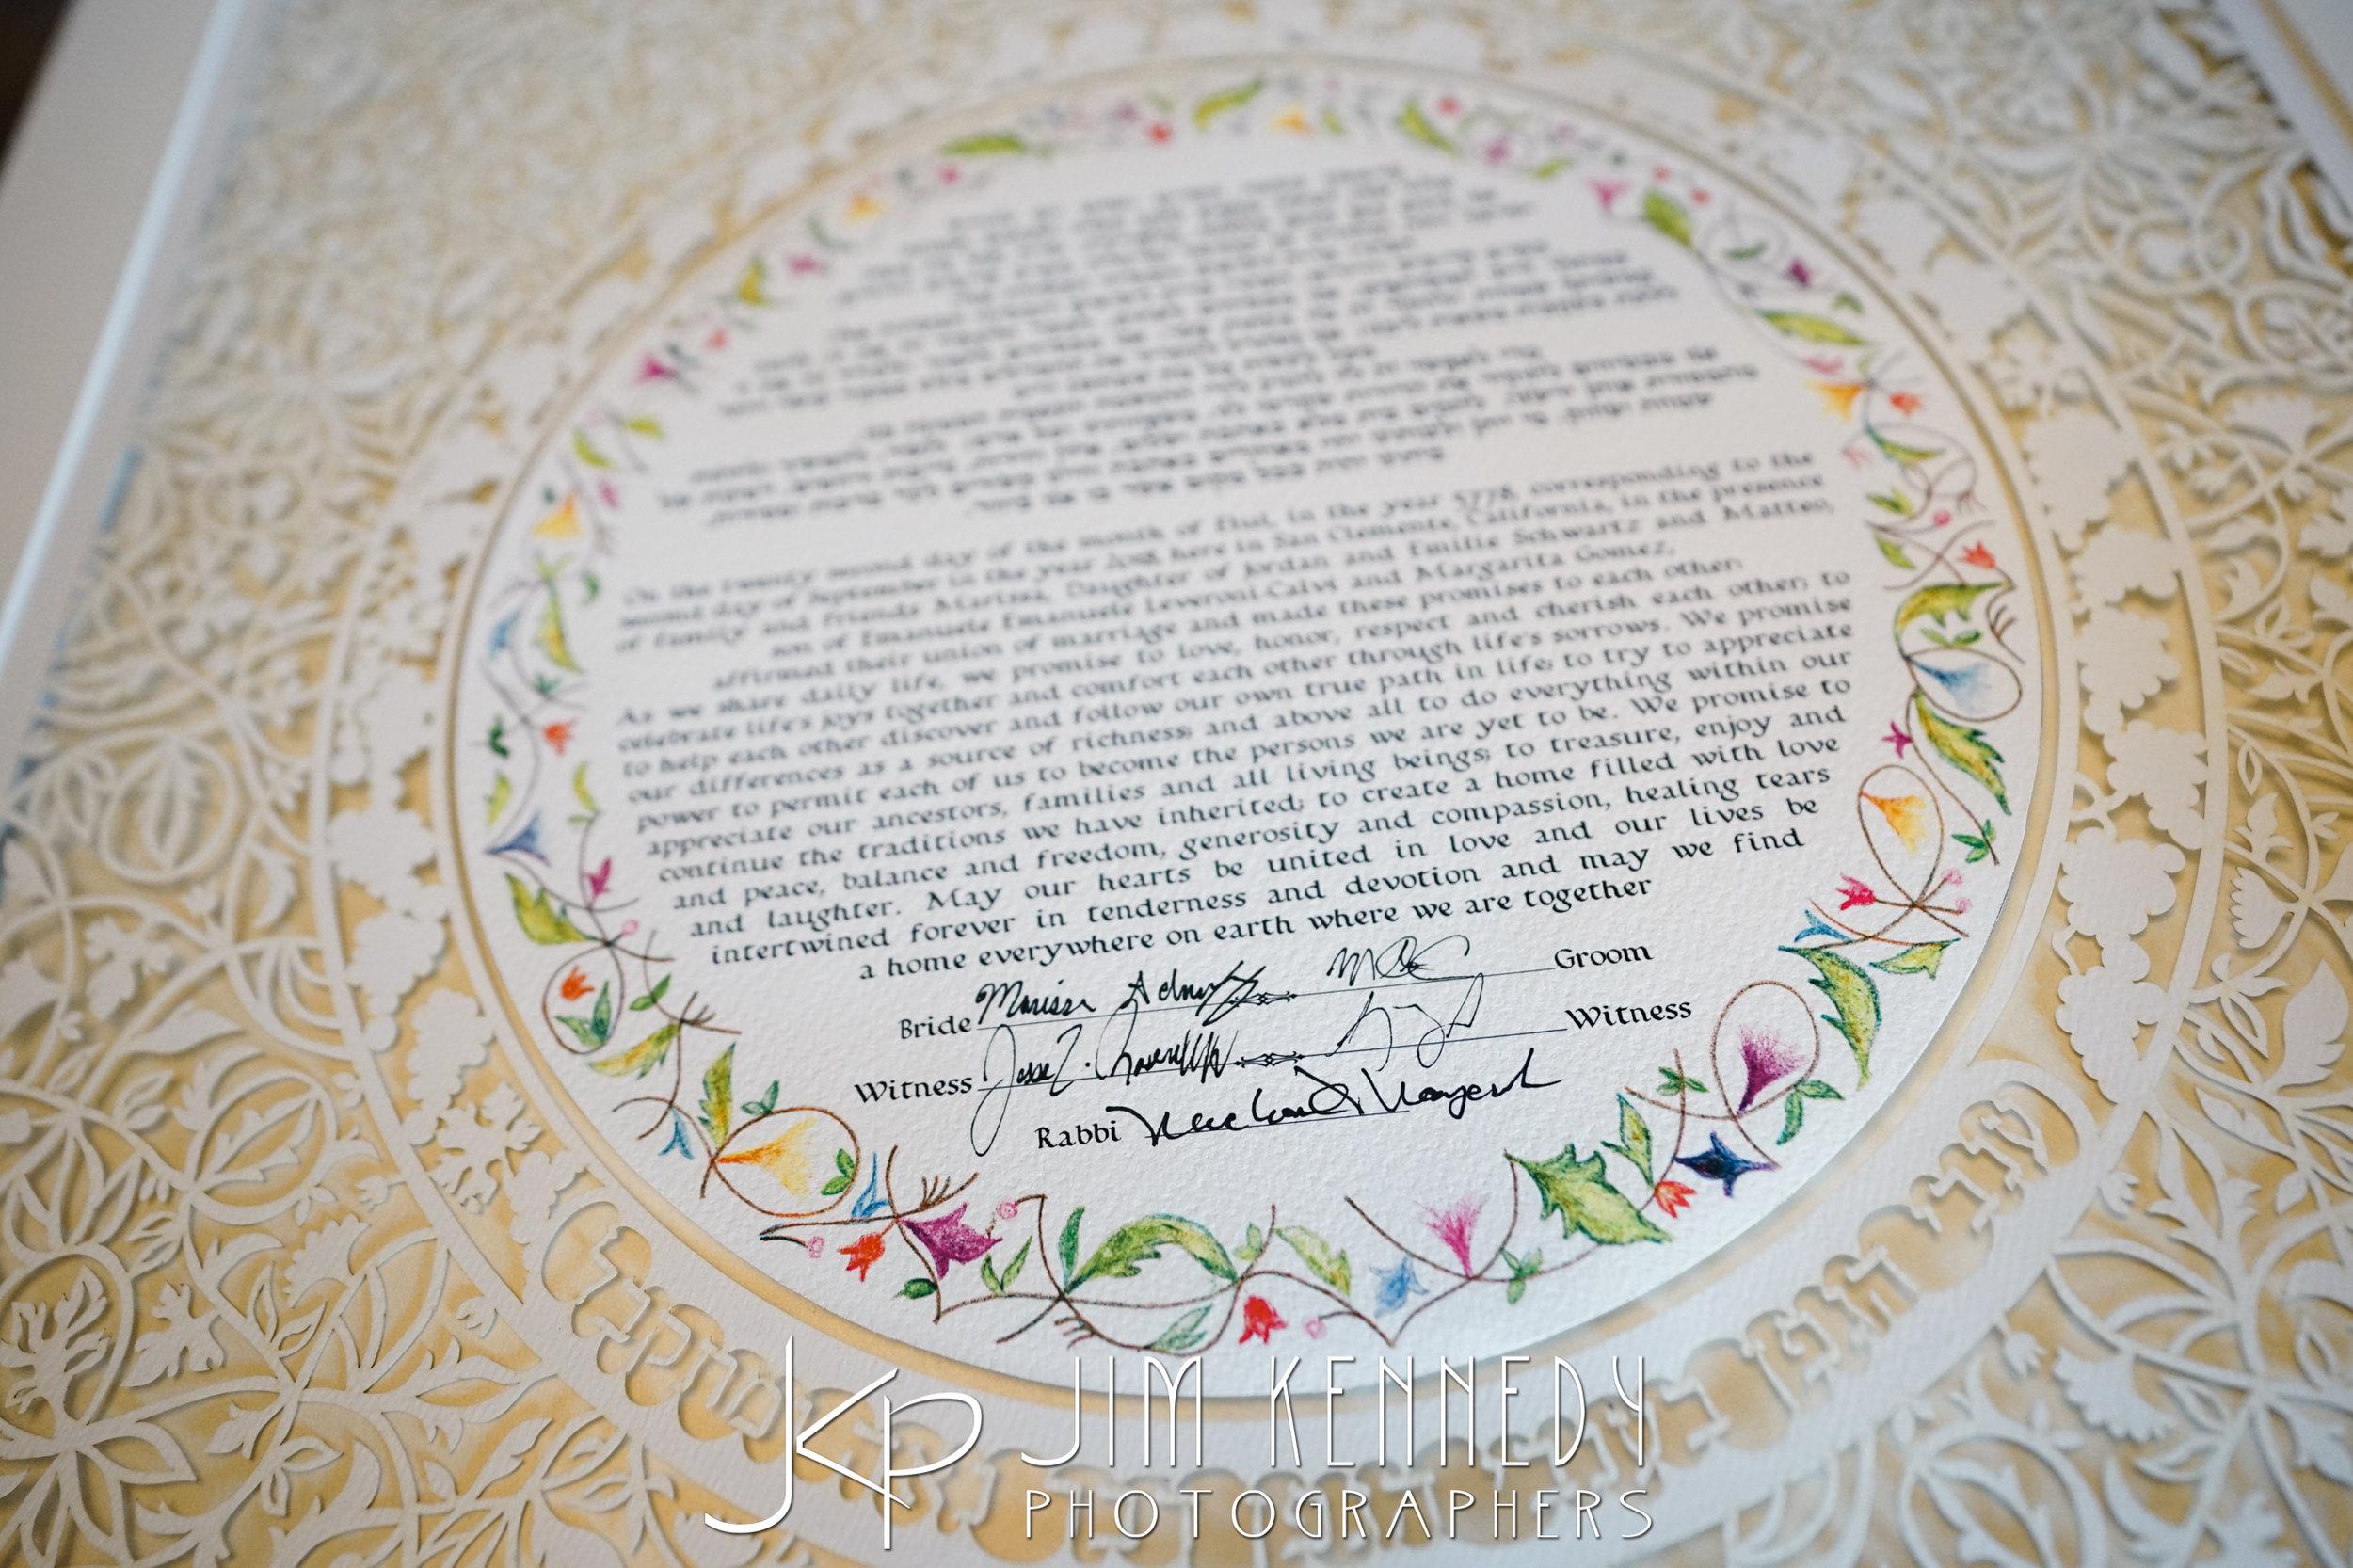 casa_romantica_wedding_marissa_0104.JPG